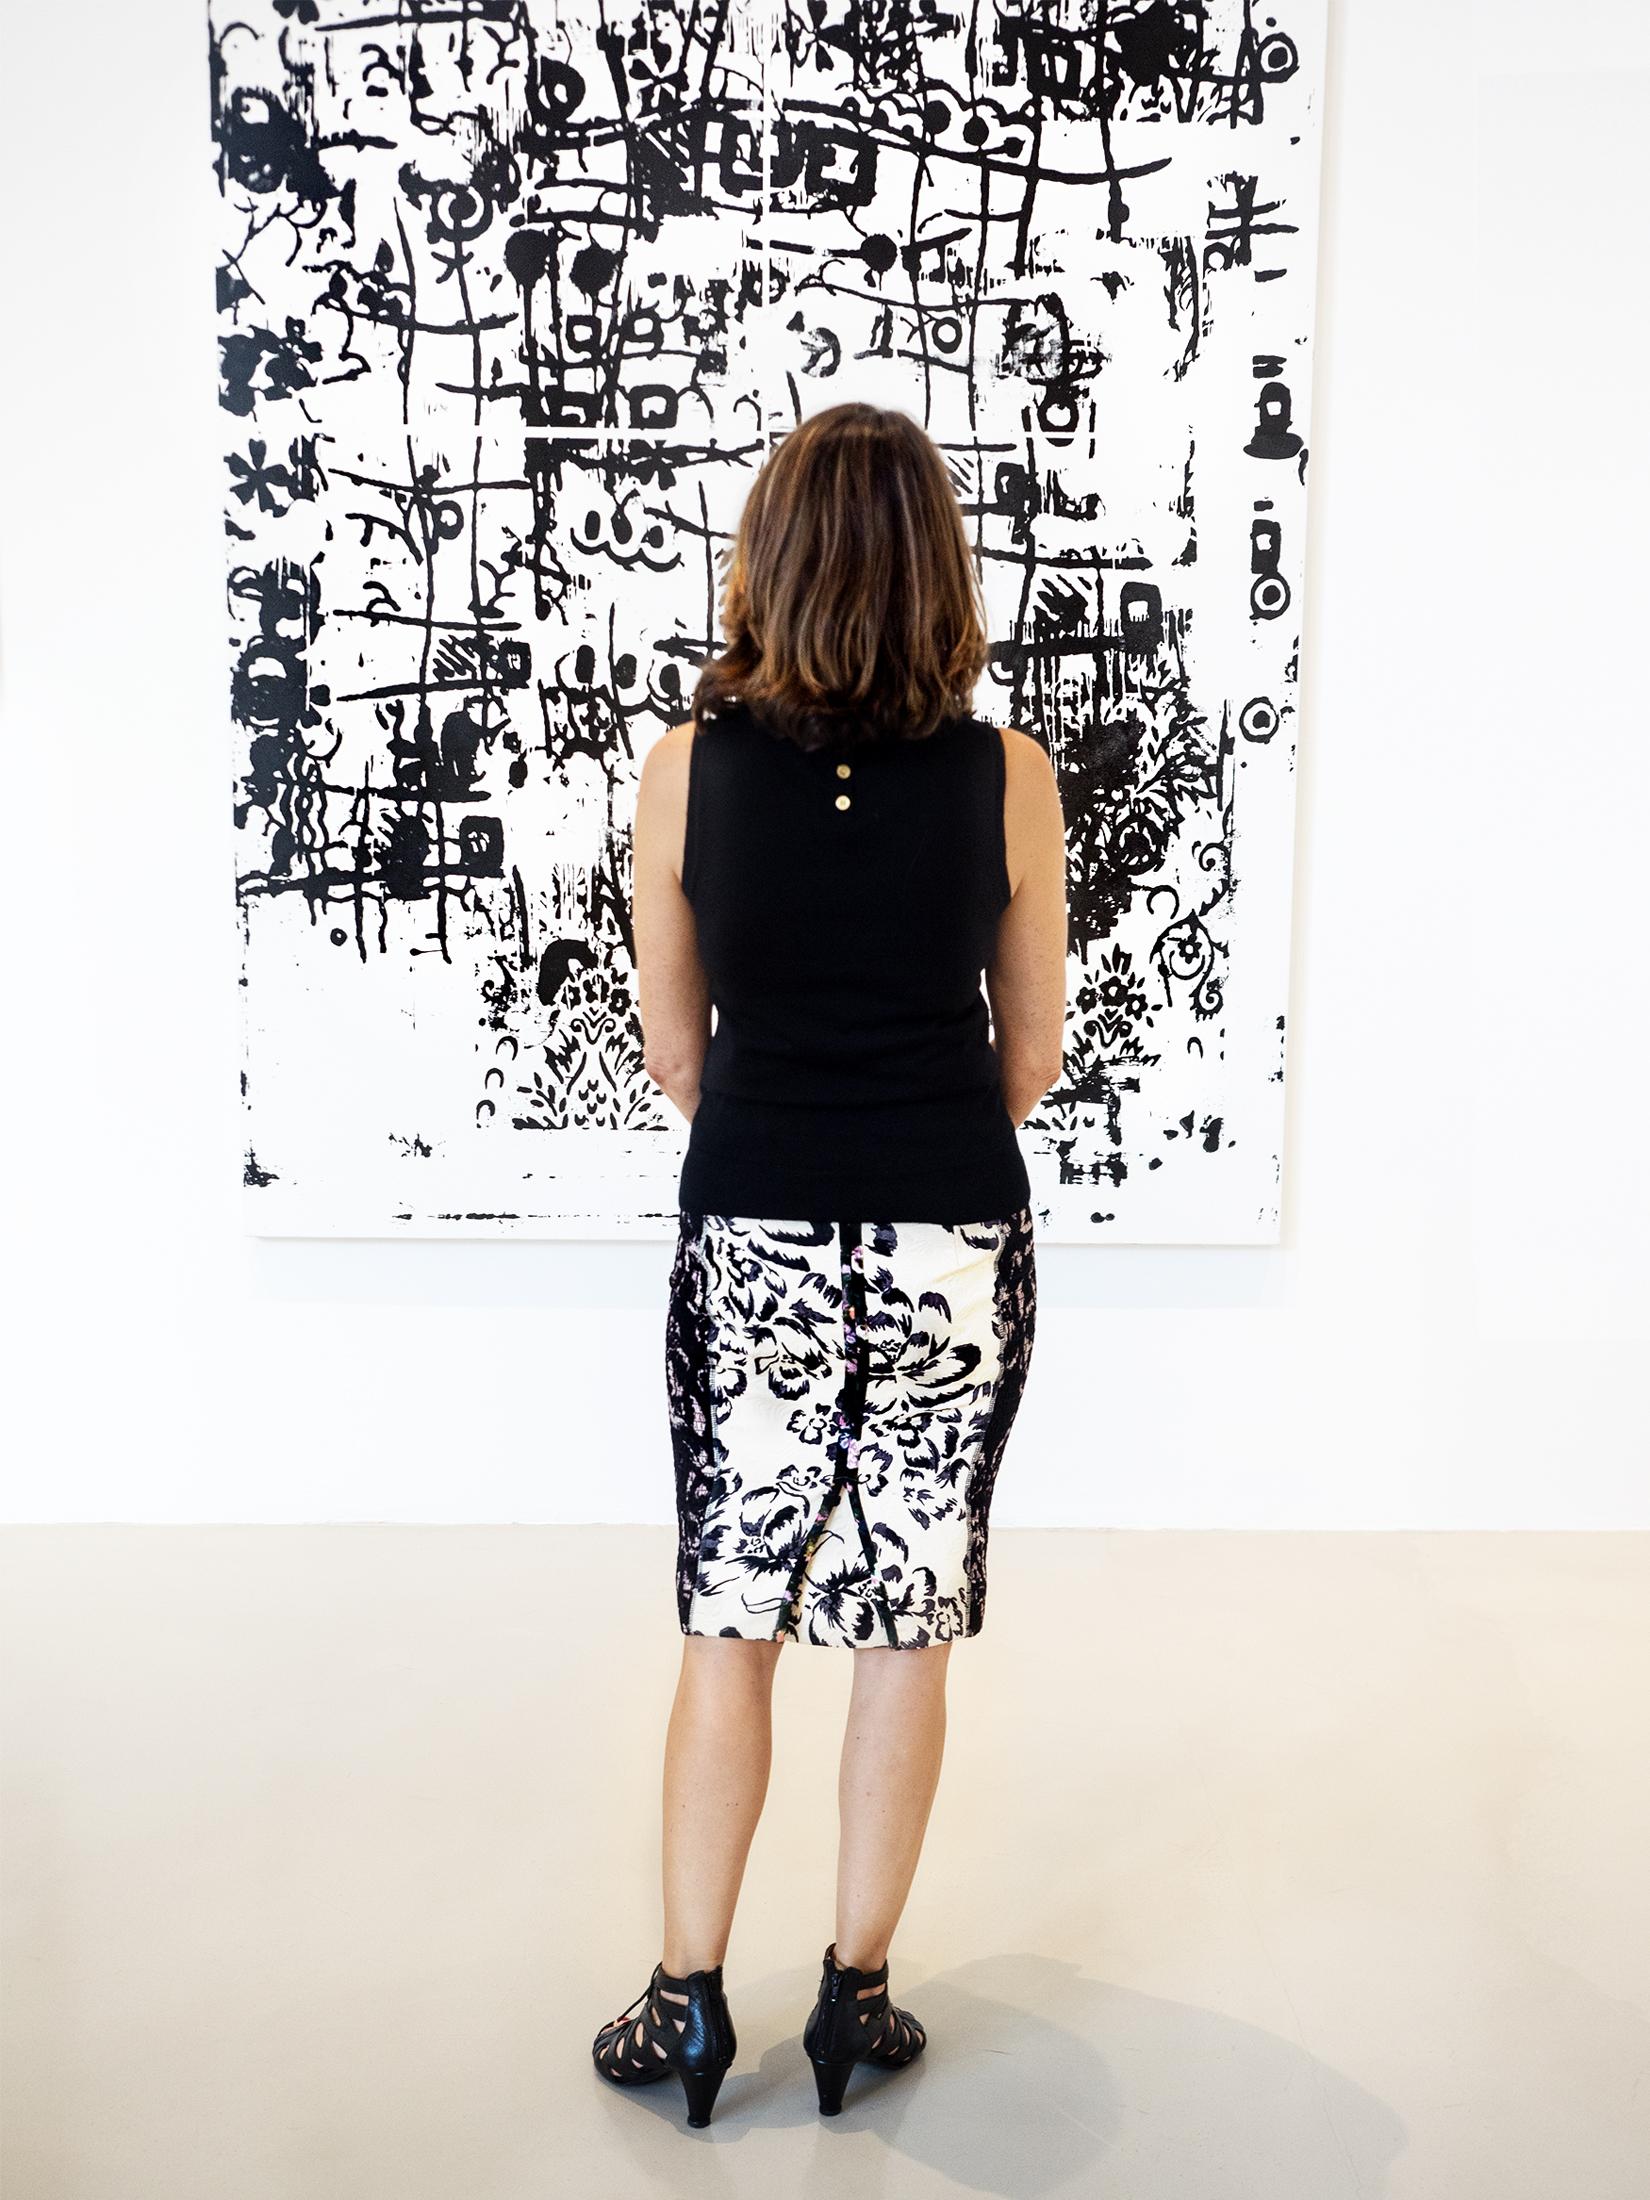 PEOPLE LOOKING AT ART 005.jpg